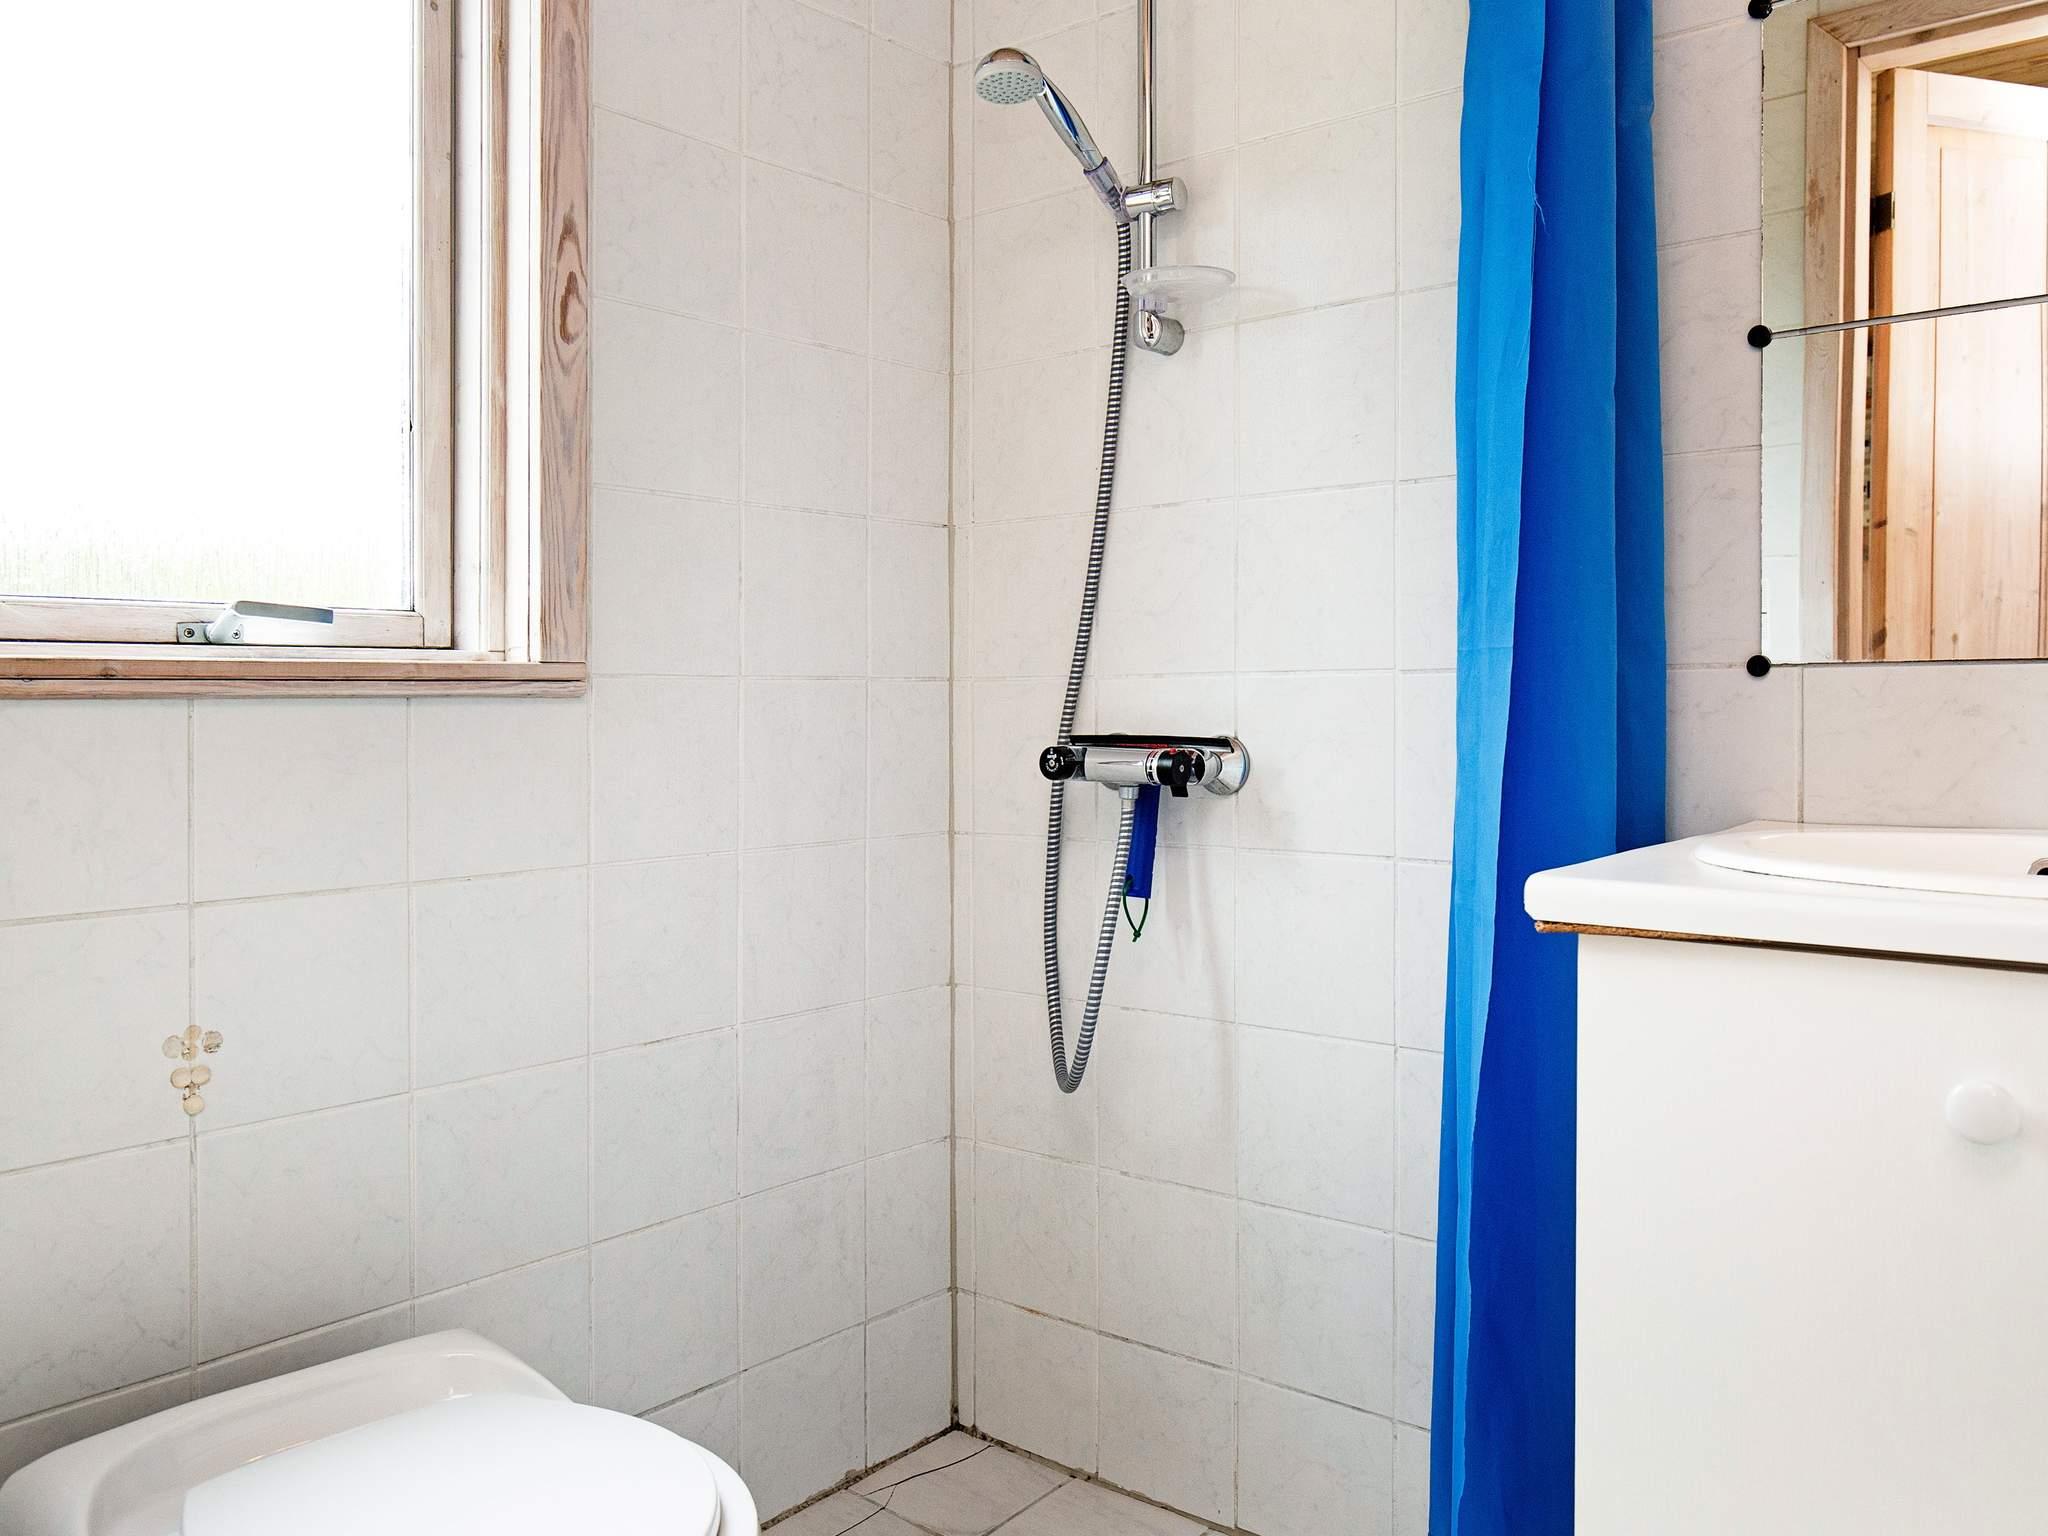 Ferienhaus Hummingen (84295), Hummingen, , Lolland, Dänemark, Bild 21